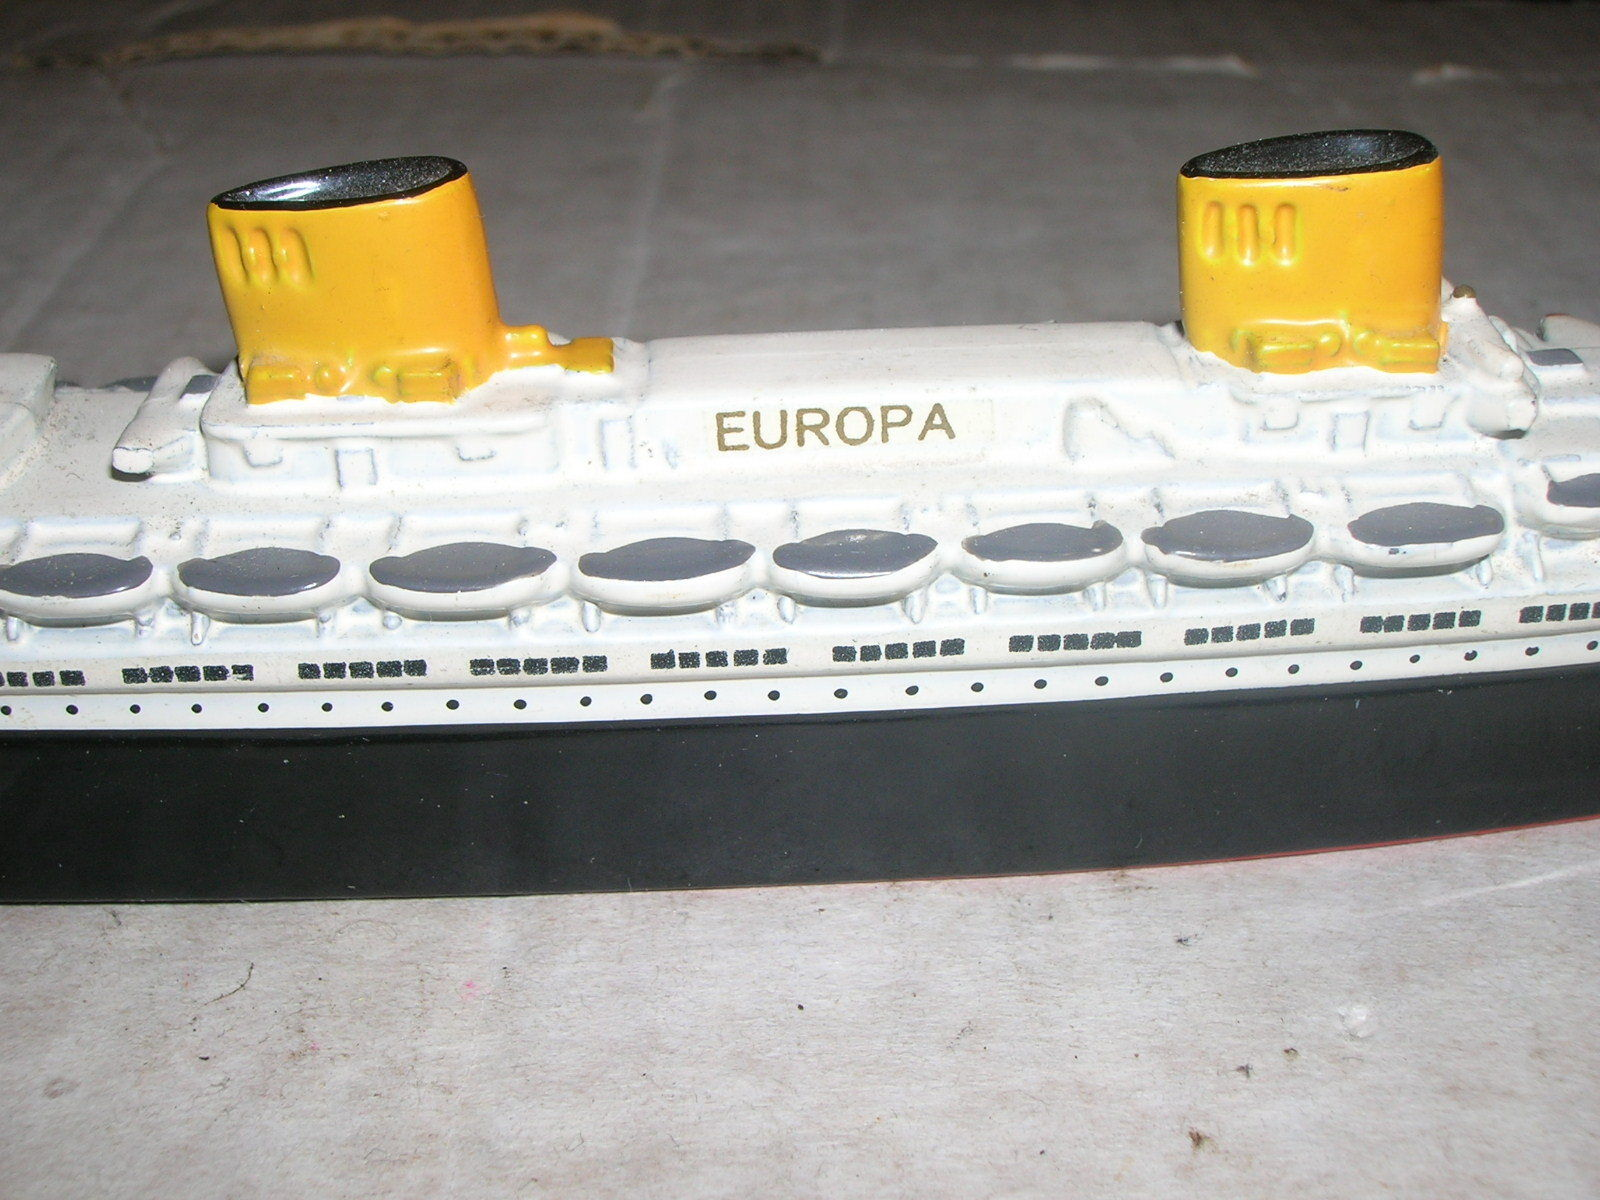 Wiking Modell 251 Ozeanliner EUROPA 1 1250 1250 1250 22,5cm Wasserlienienmodell 1948-50  | Spielzeug mit kindlichen Herzen herstellen  d9b611